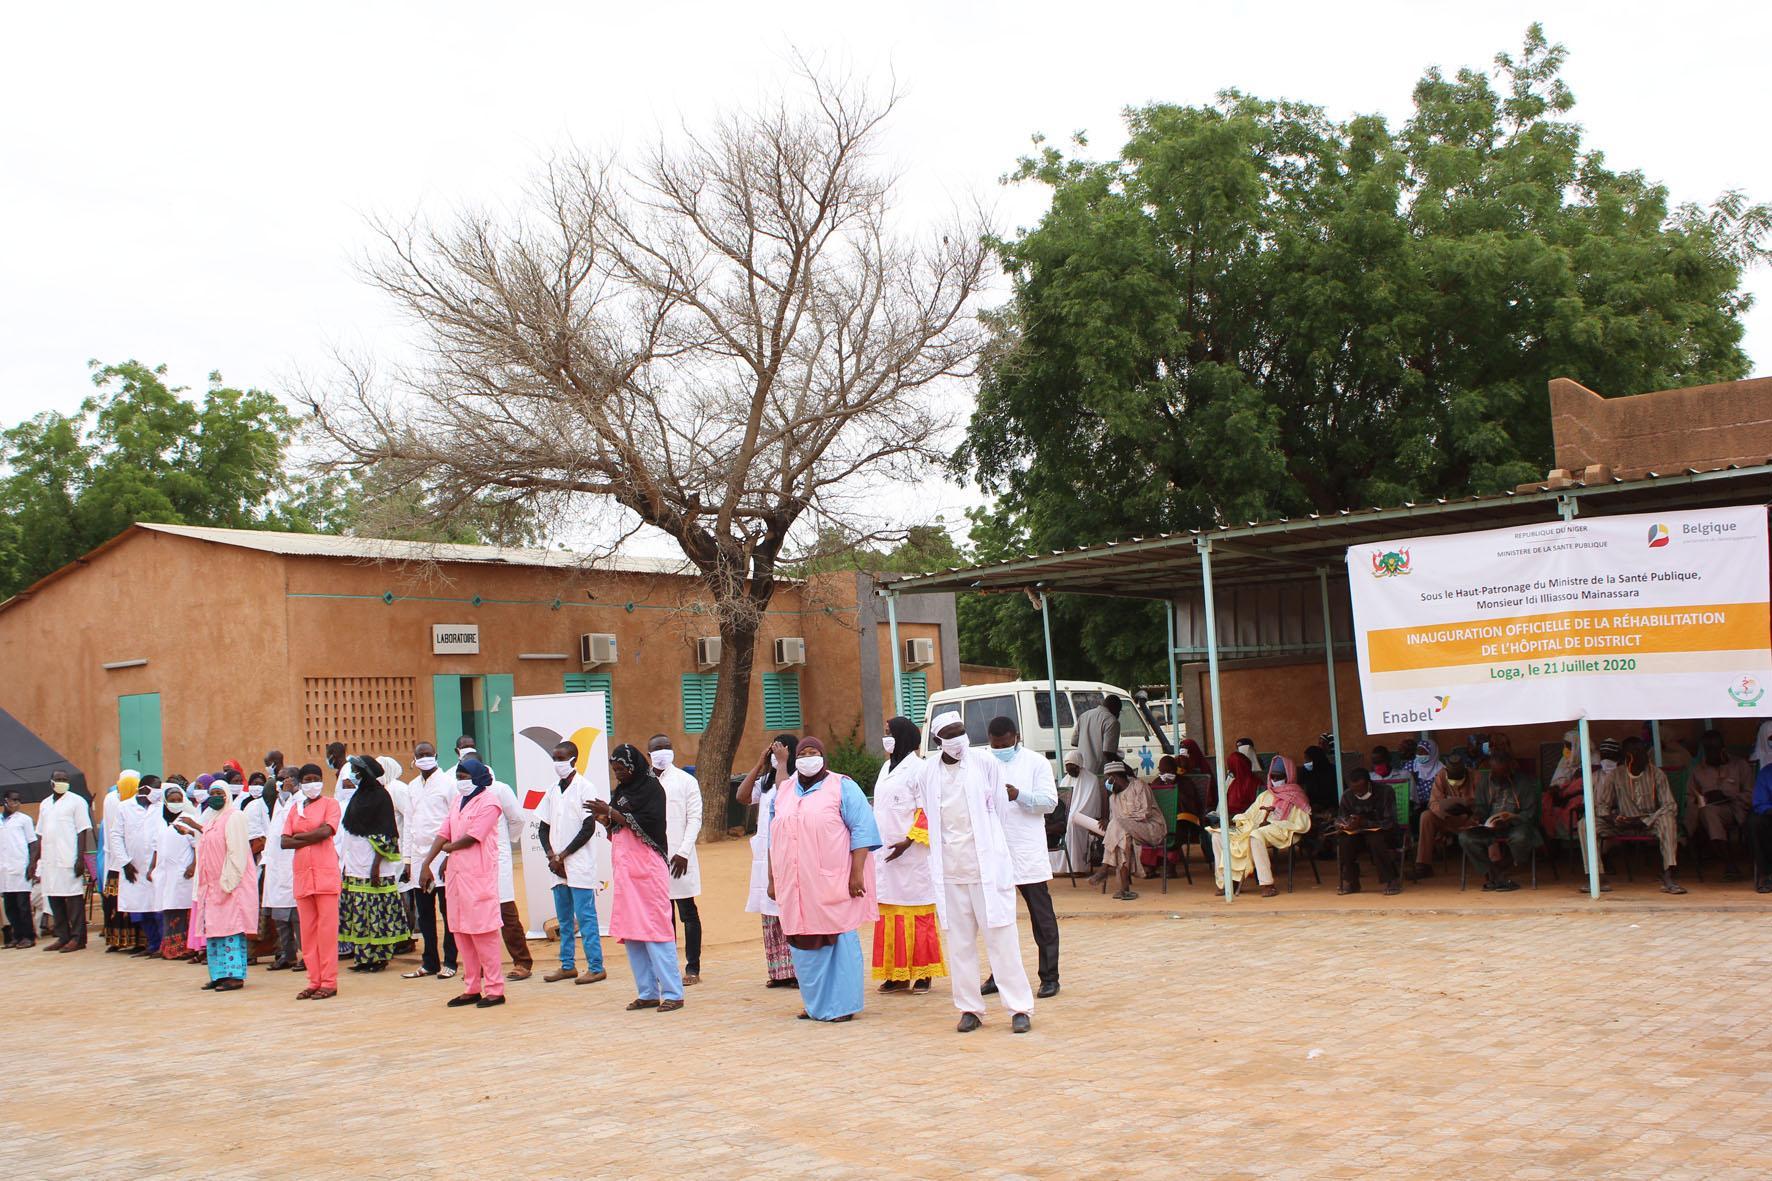 Inauguration des bâtiments réhabilités de l'hôpital de district de Loga dans la région de Dosso – Niger